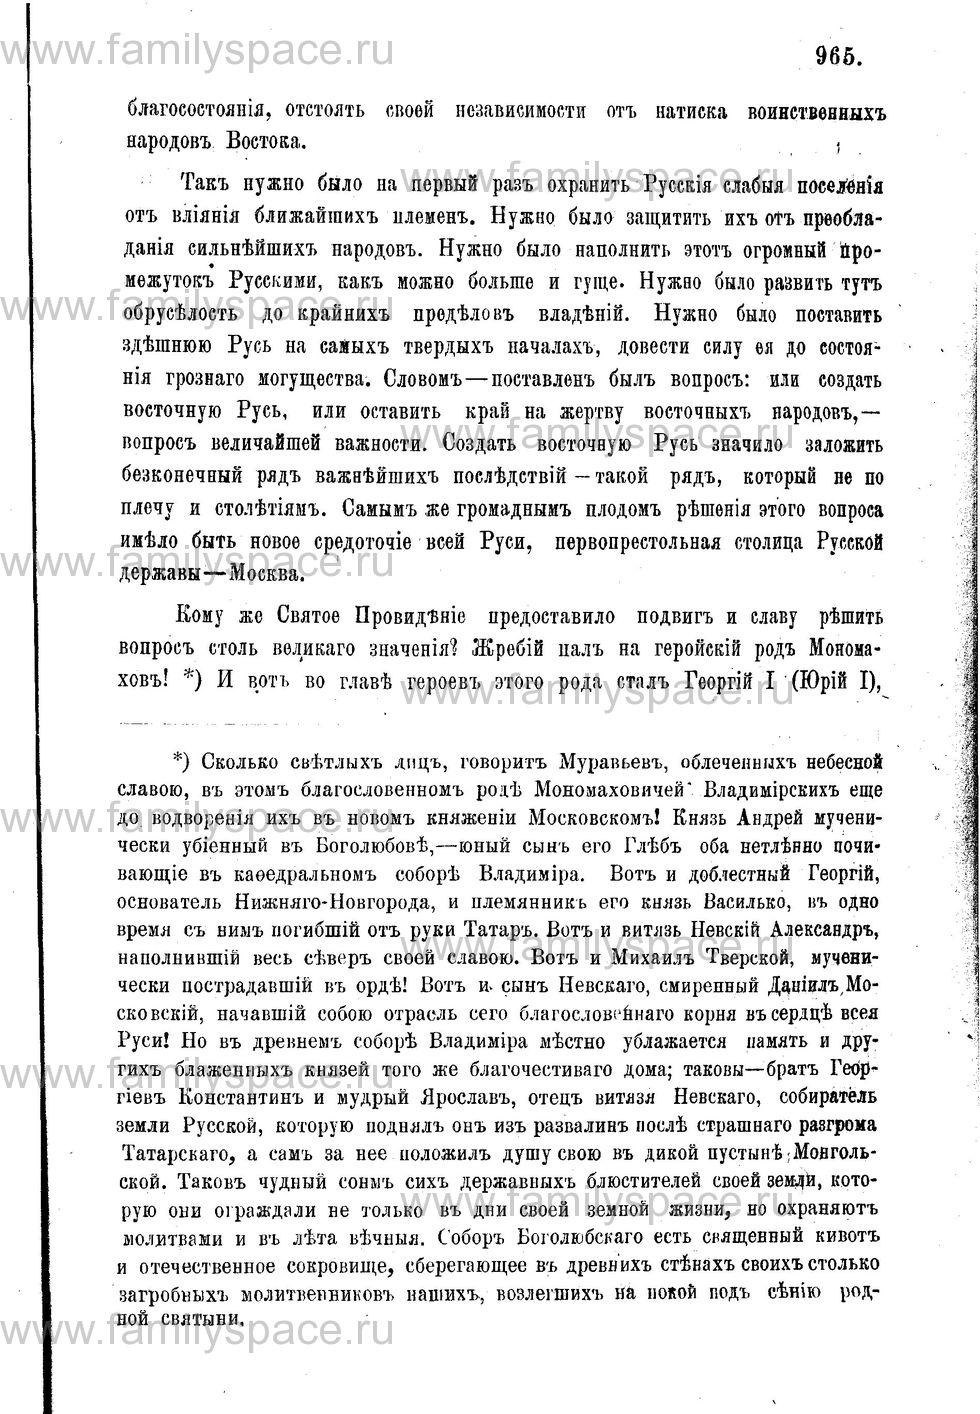 Поиск по фамилии - Адрес-календарь Нижегородской епархии на 1888 год, страница 1965